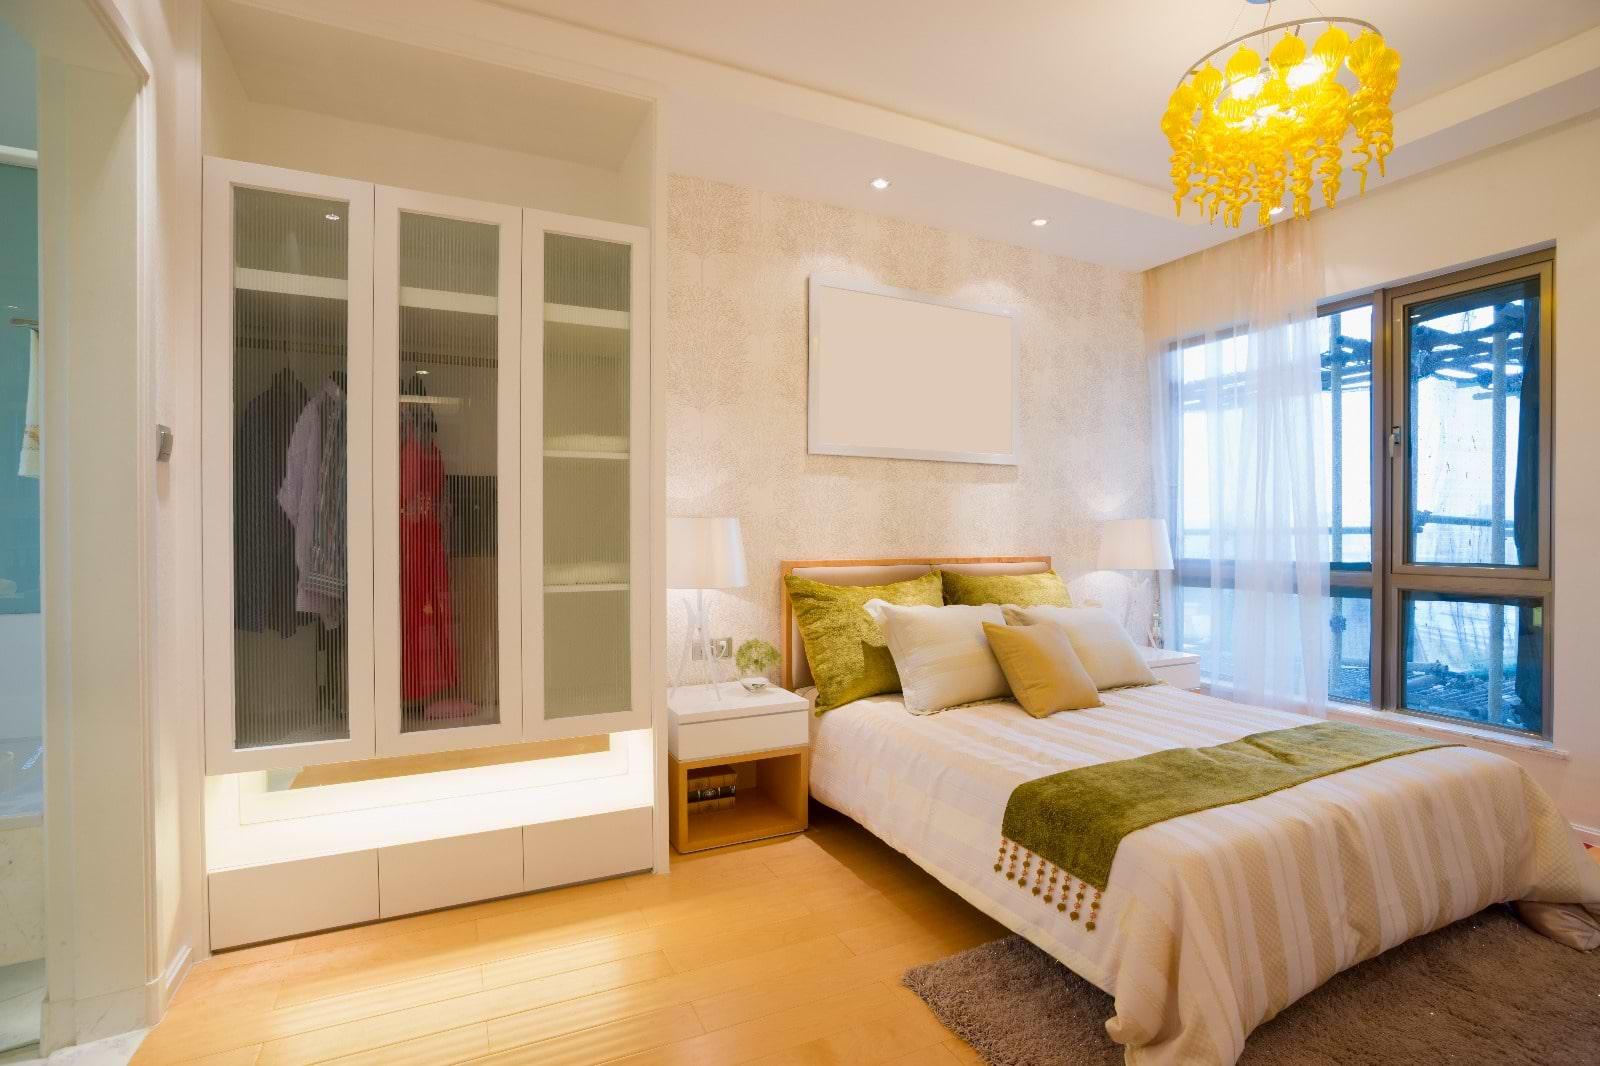 חדר שינה תוספת צבע צהוב